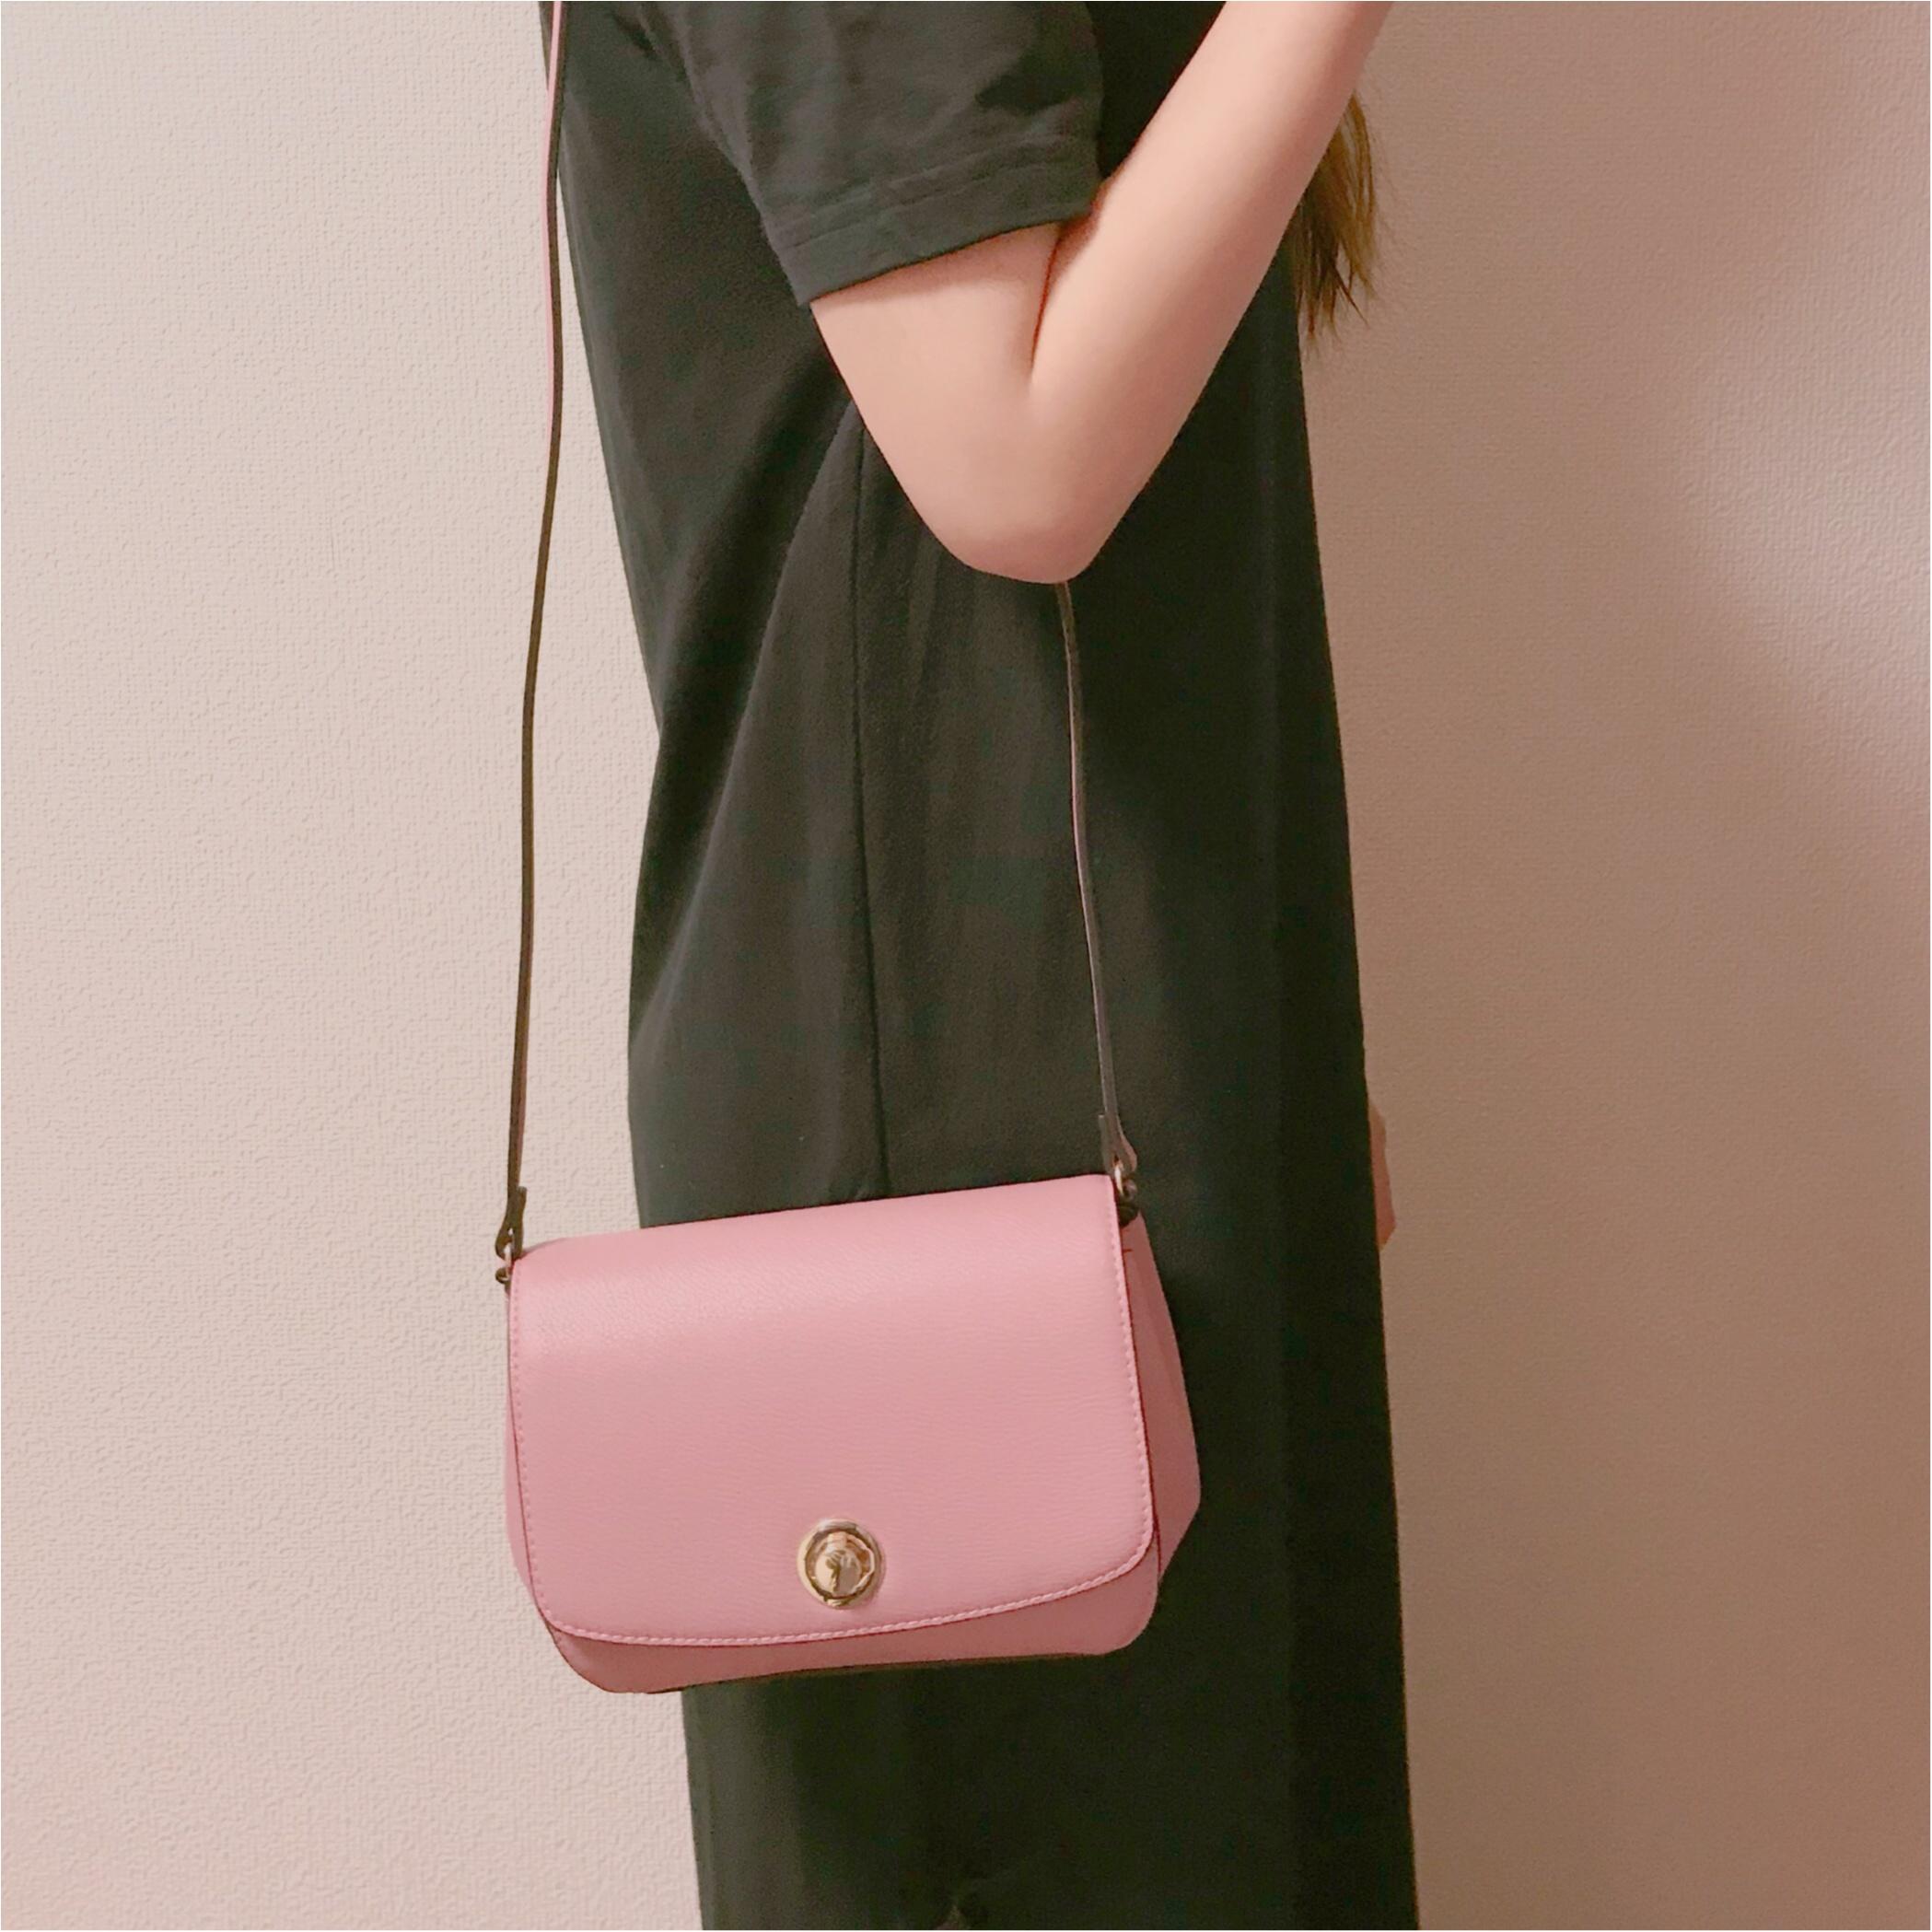 【H&M】ショルダーバッグが2000円以下❤︎プチプラなら挑戦しやすいアクセントカラーがおすすめ!_2